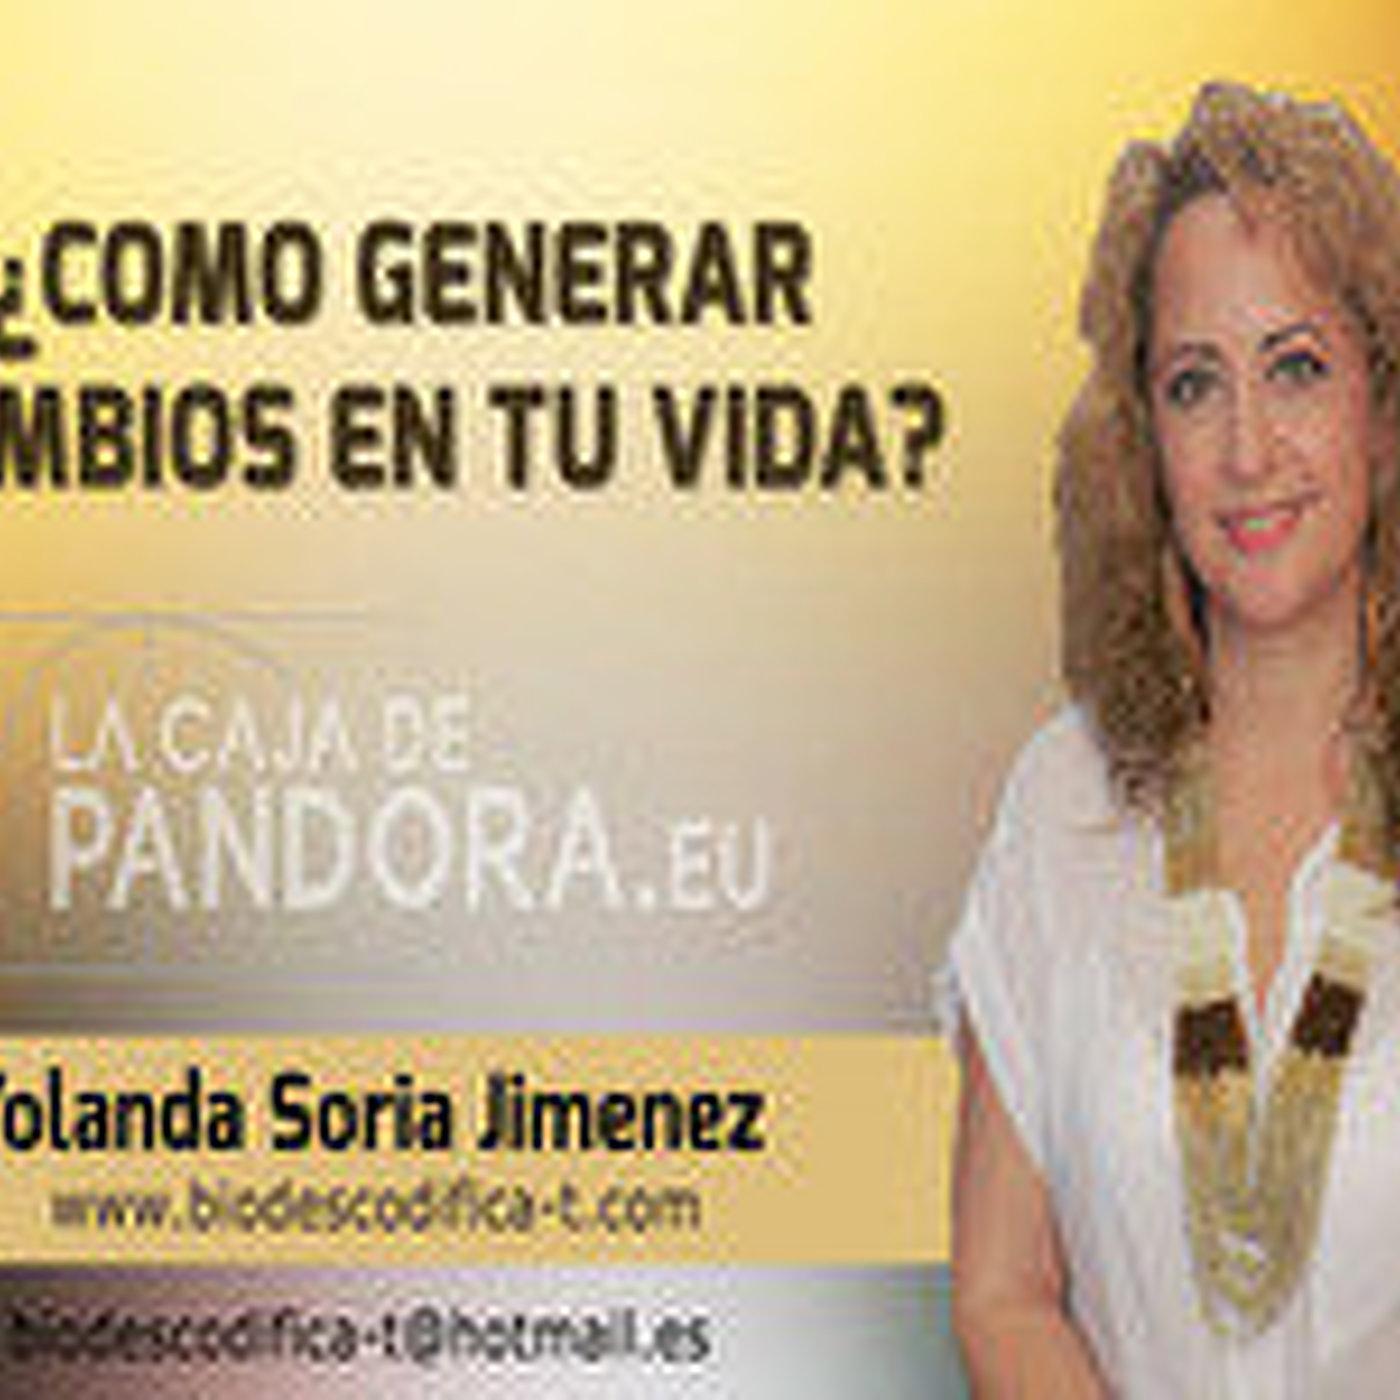 ¿COMO GENERAR CAMBIOS EN TU VIDA? por Yolanda Soria y José Allende